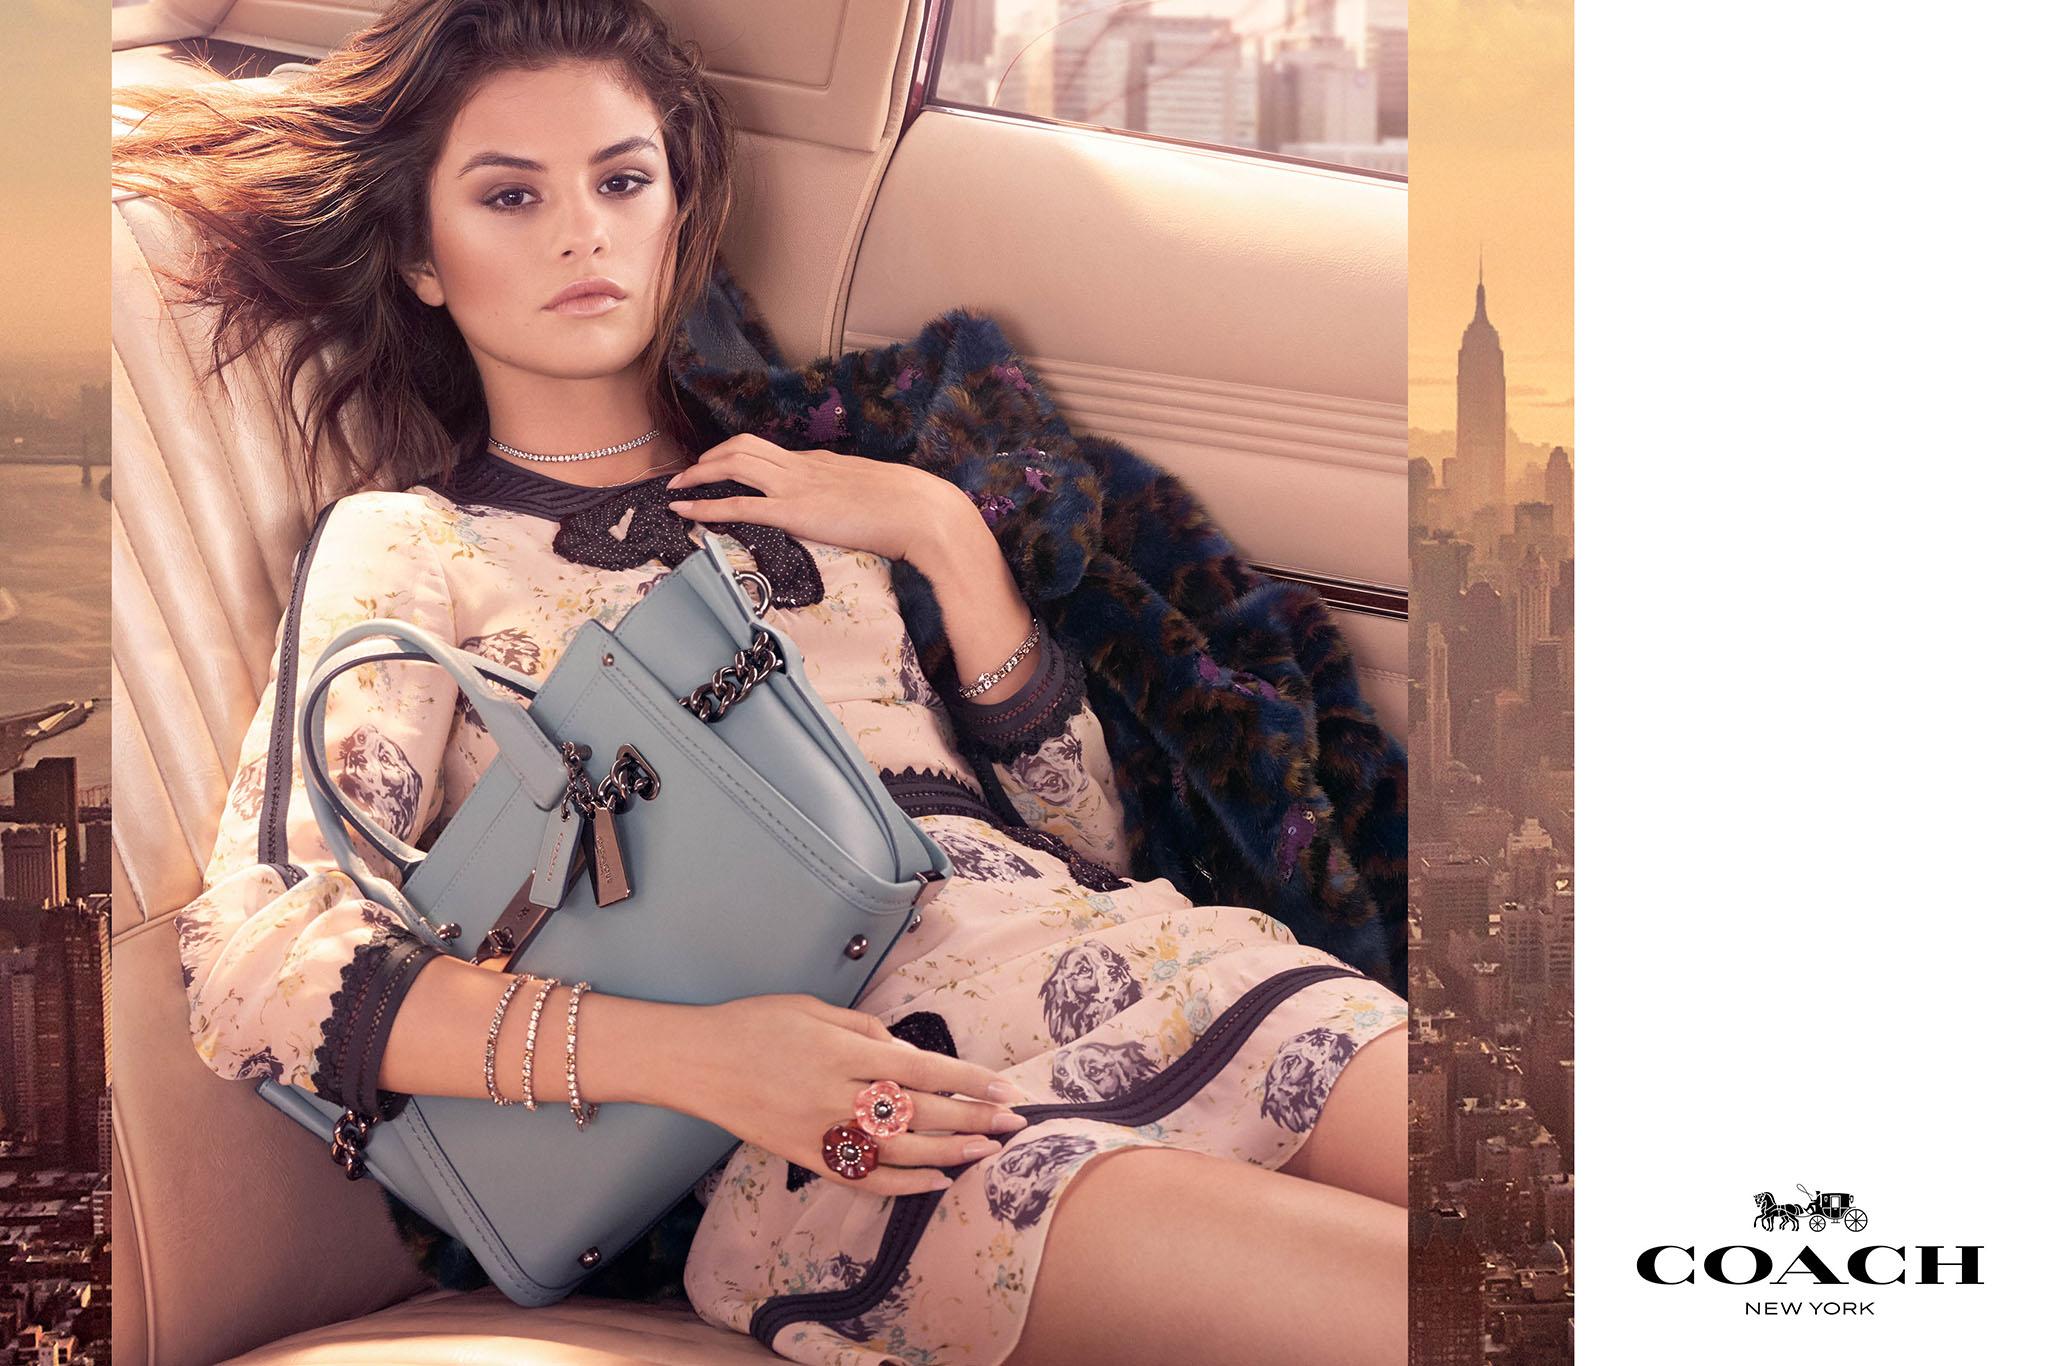 Selena Gomez in the fall Coach campaign.